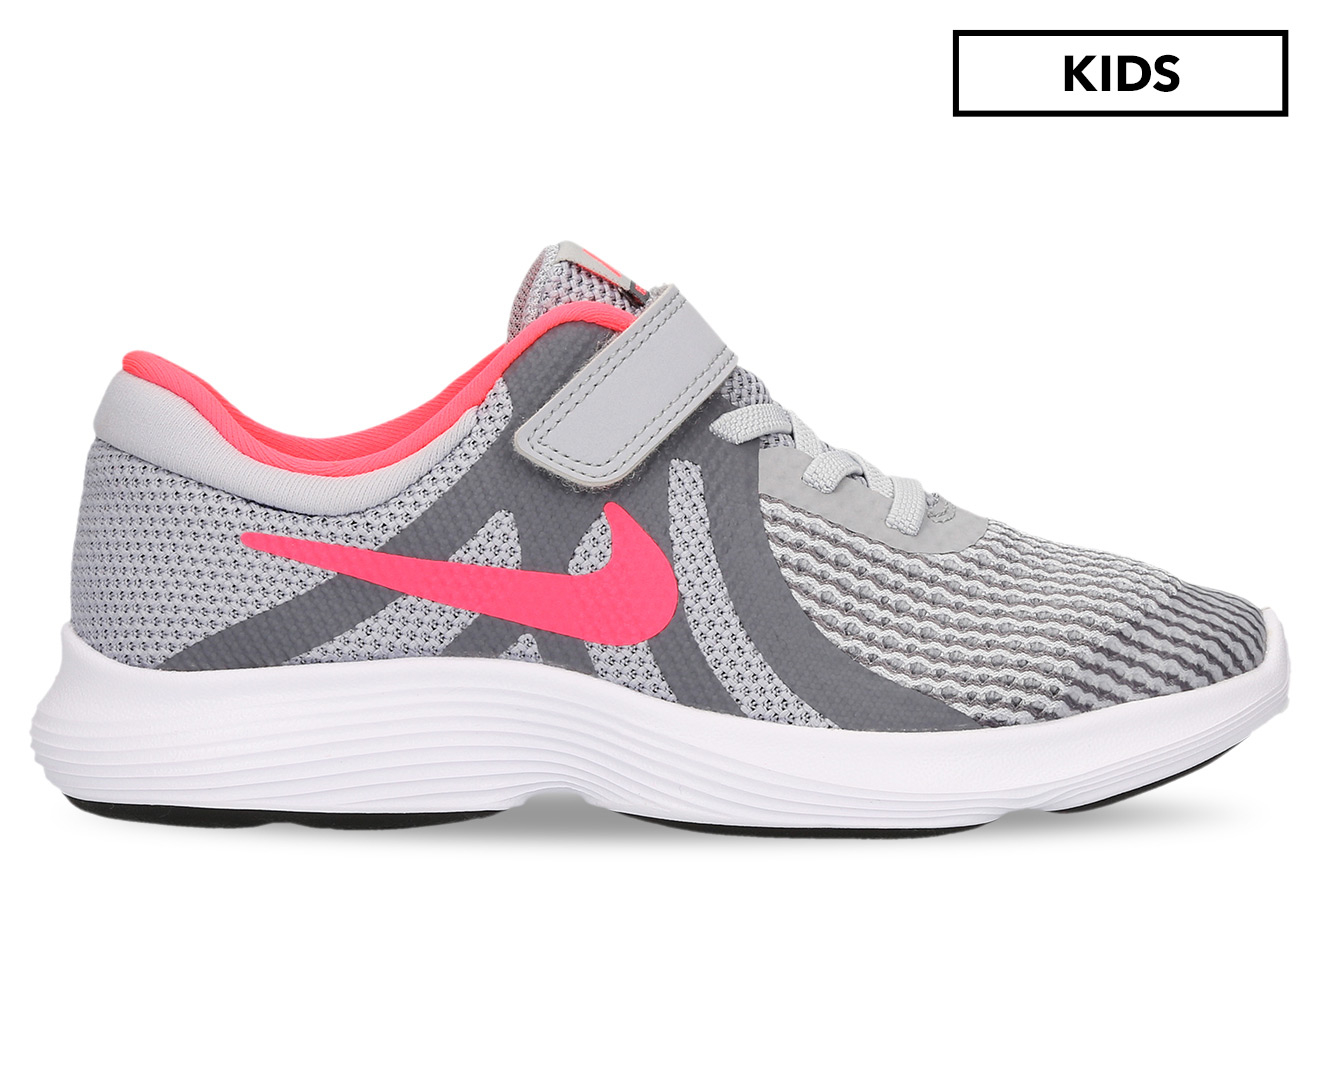 ed0b918a9df8af Nike Girls  Pre-School Revolution 4 Shoe - Grey Pink Grey White